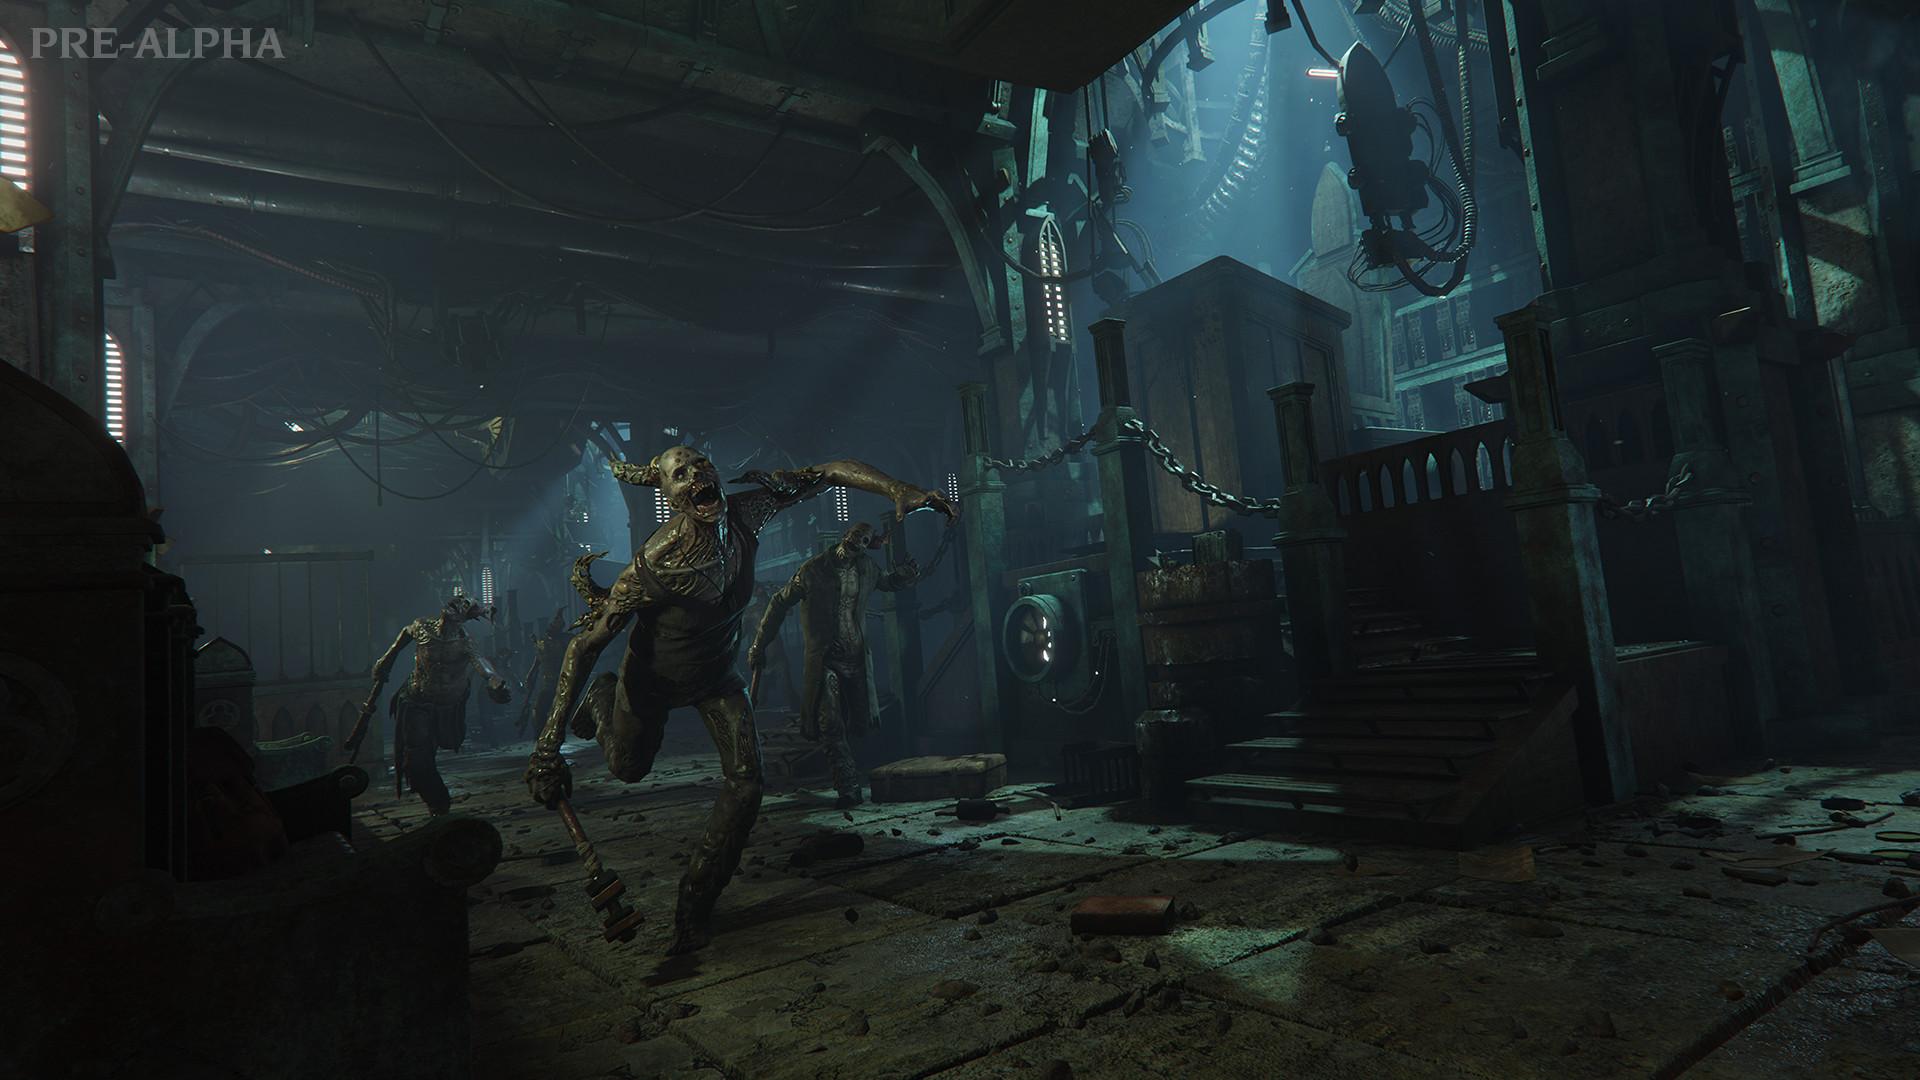 Poxwalkers from Warhammer 40,000: Darktide